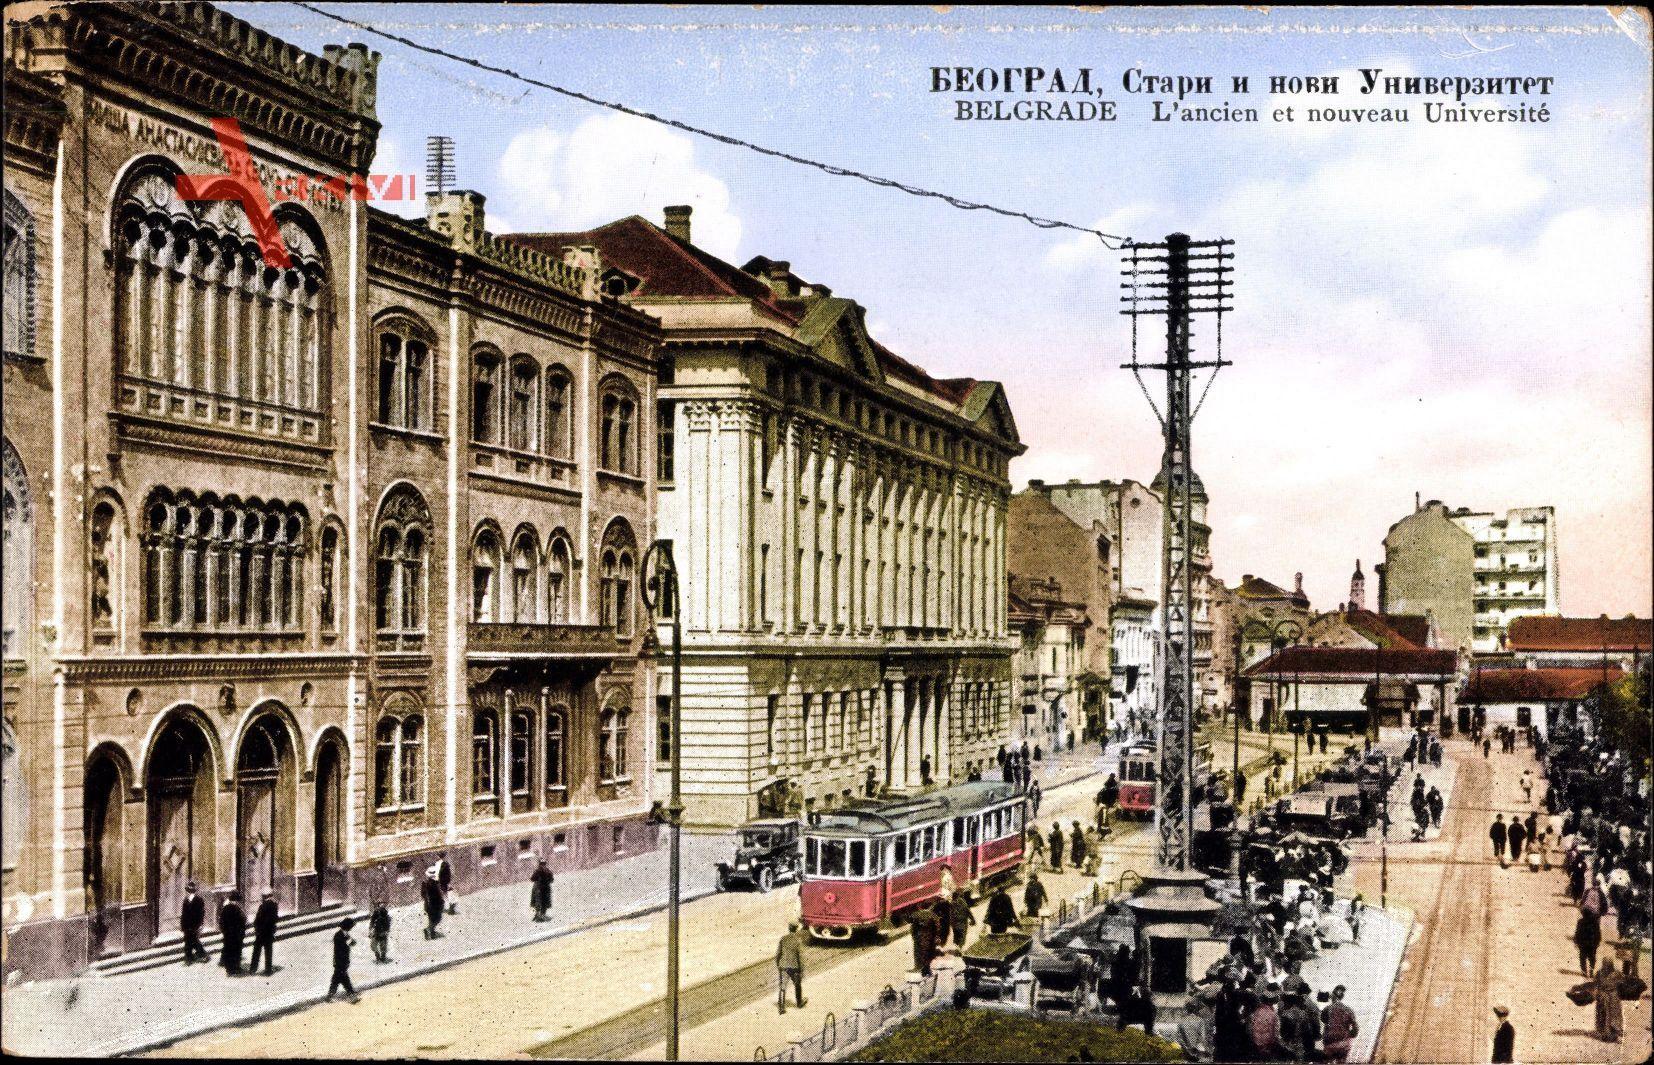 Belgrad Serbien, Lancien et nouveau Université, Straßenbahn